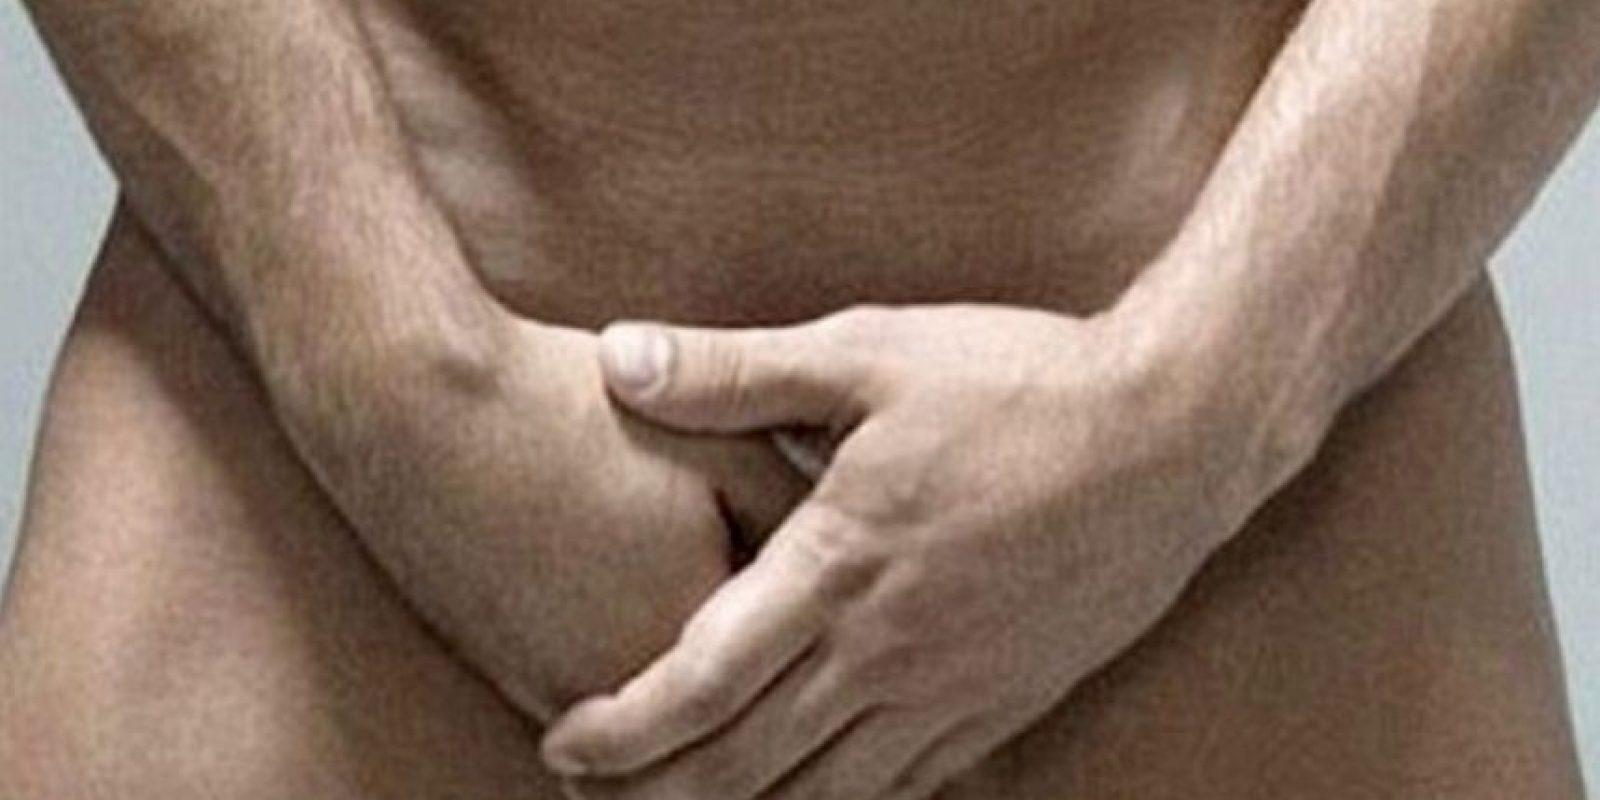 El pene se dobla cuando se hincha. Foto:Tumblr/Pene